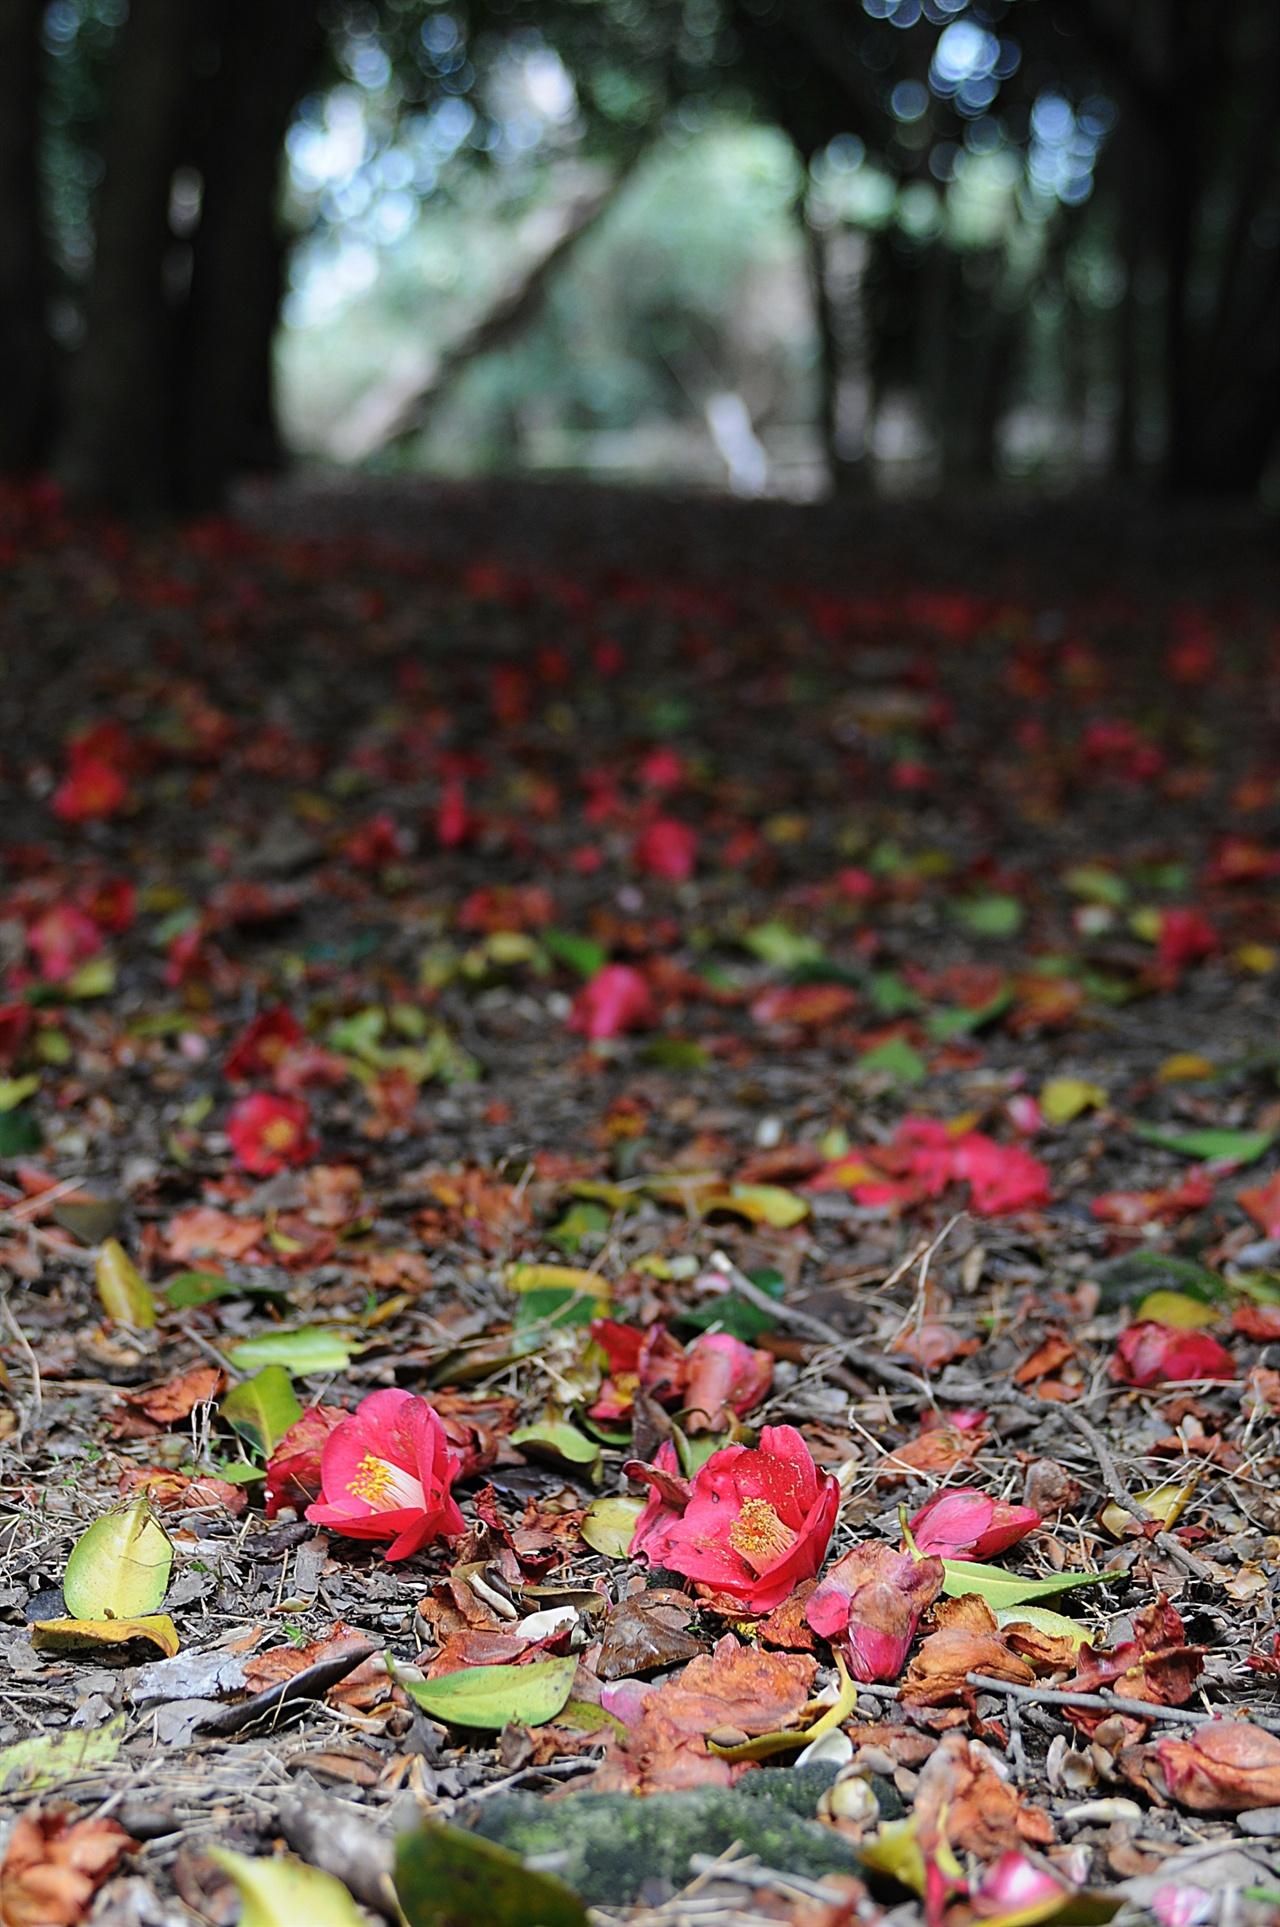 오동도 동백숲 3월 하순이면 동백숲 바닥에는 송이째 툭 떨어진 동백꽃이 붉은 융단을 이룬다.